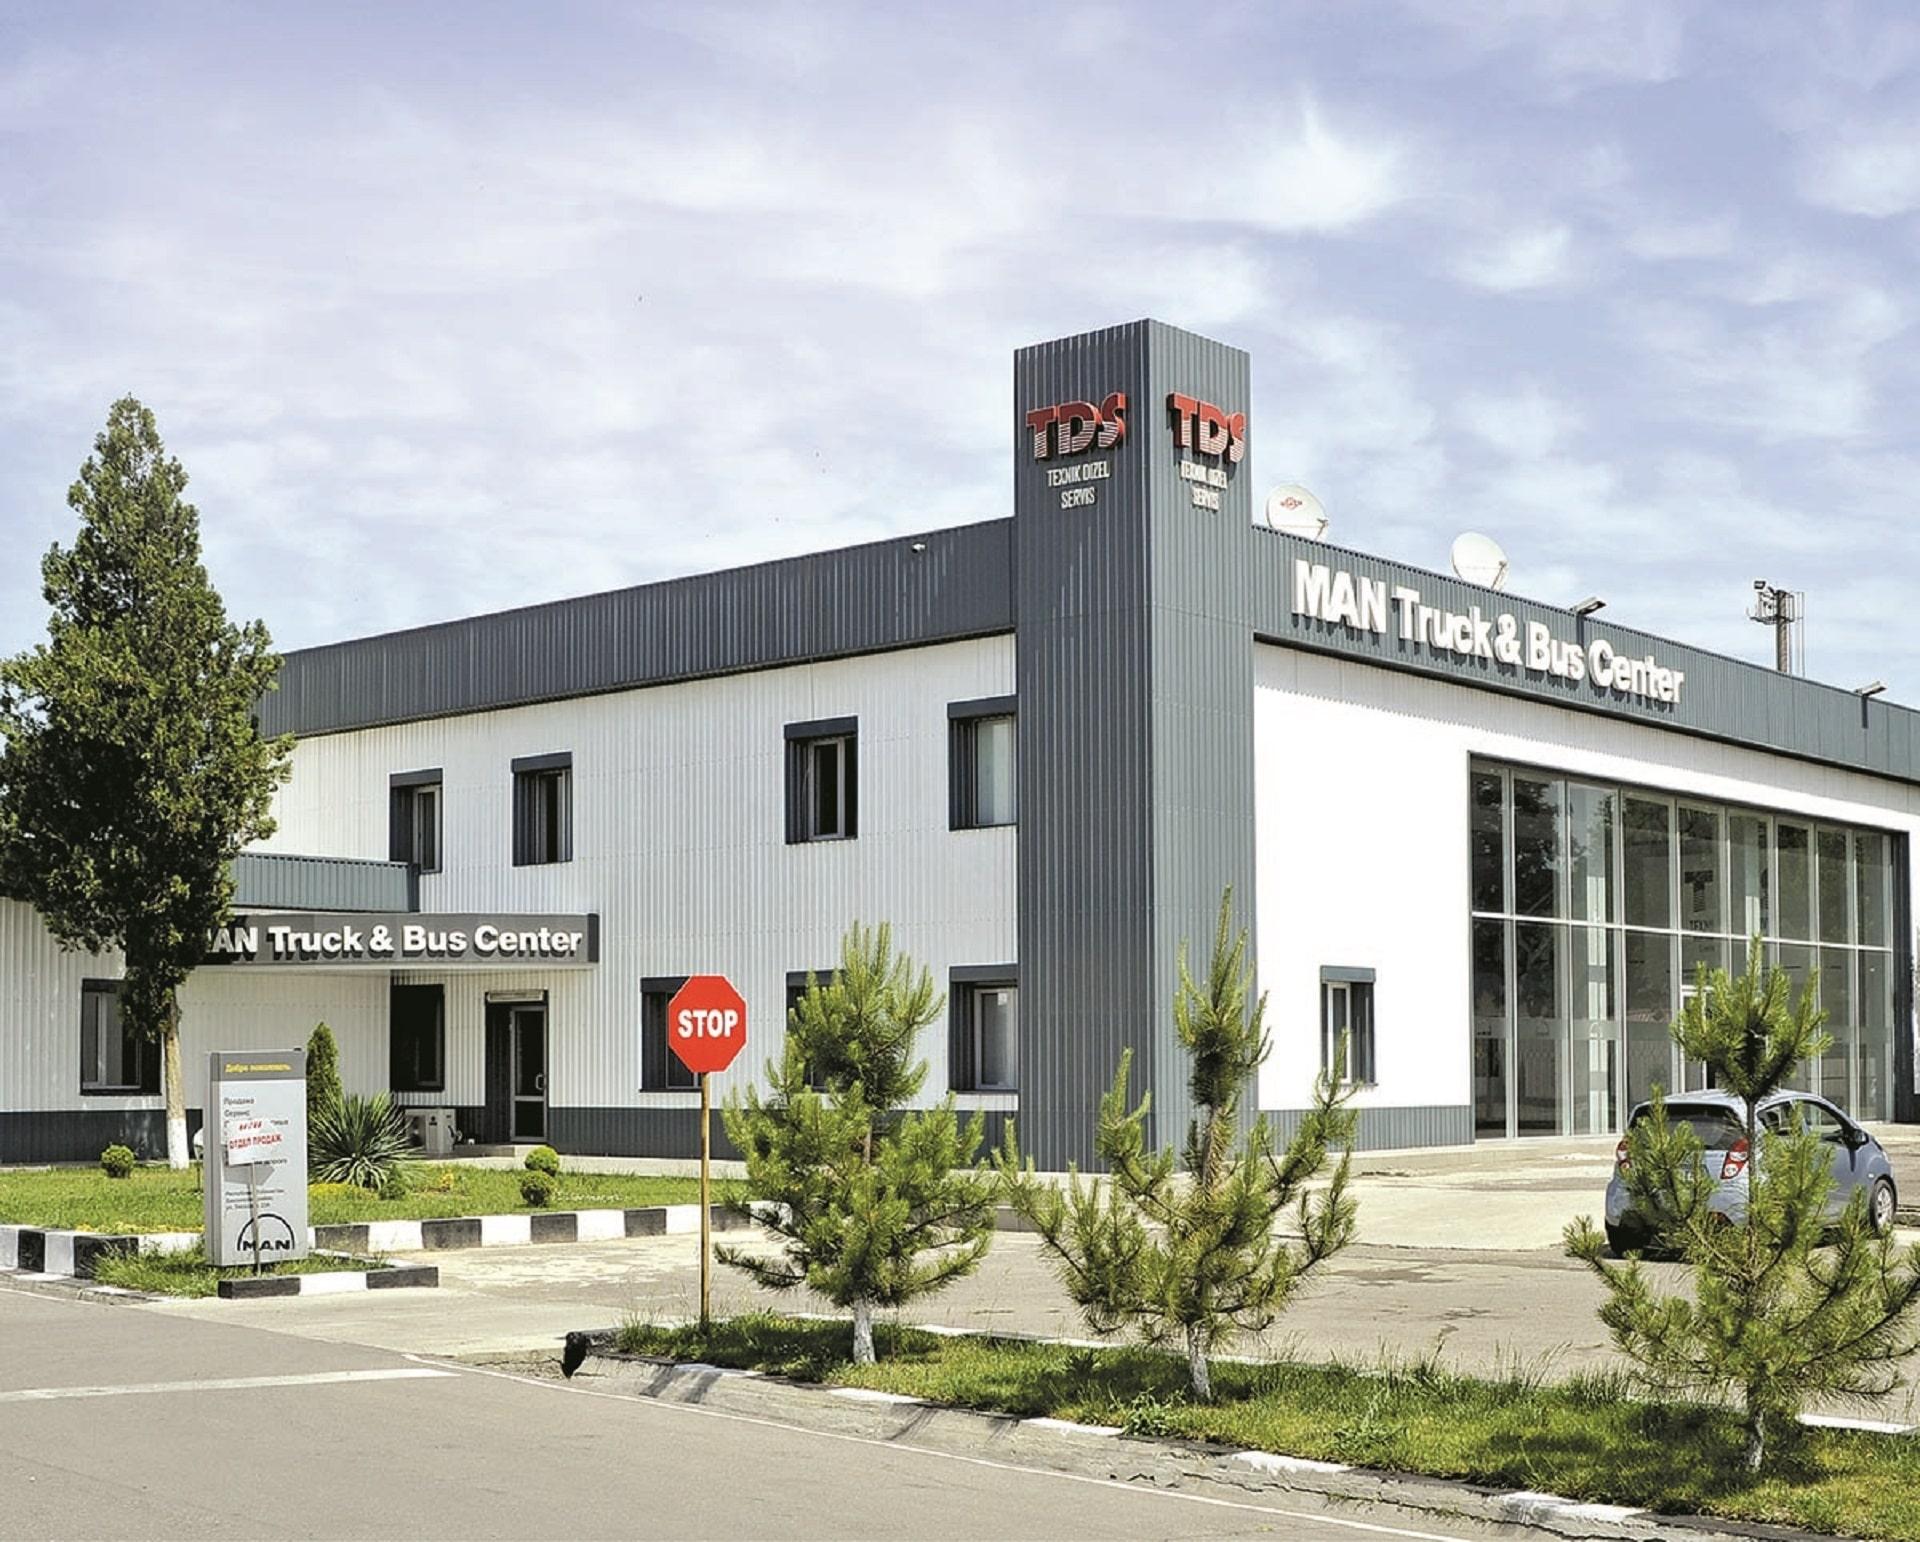 texnik-dizel-servis-building-01